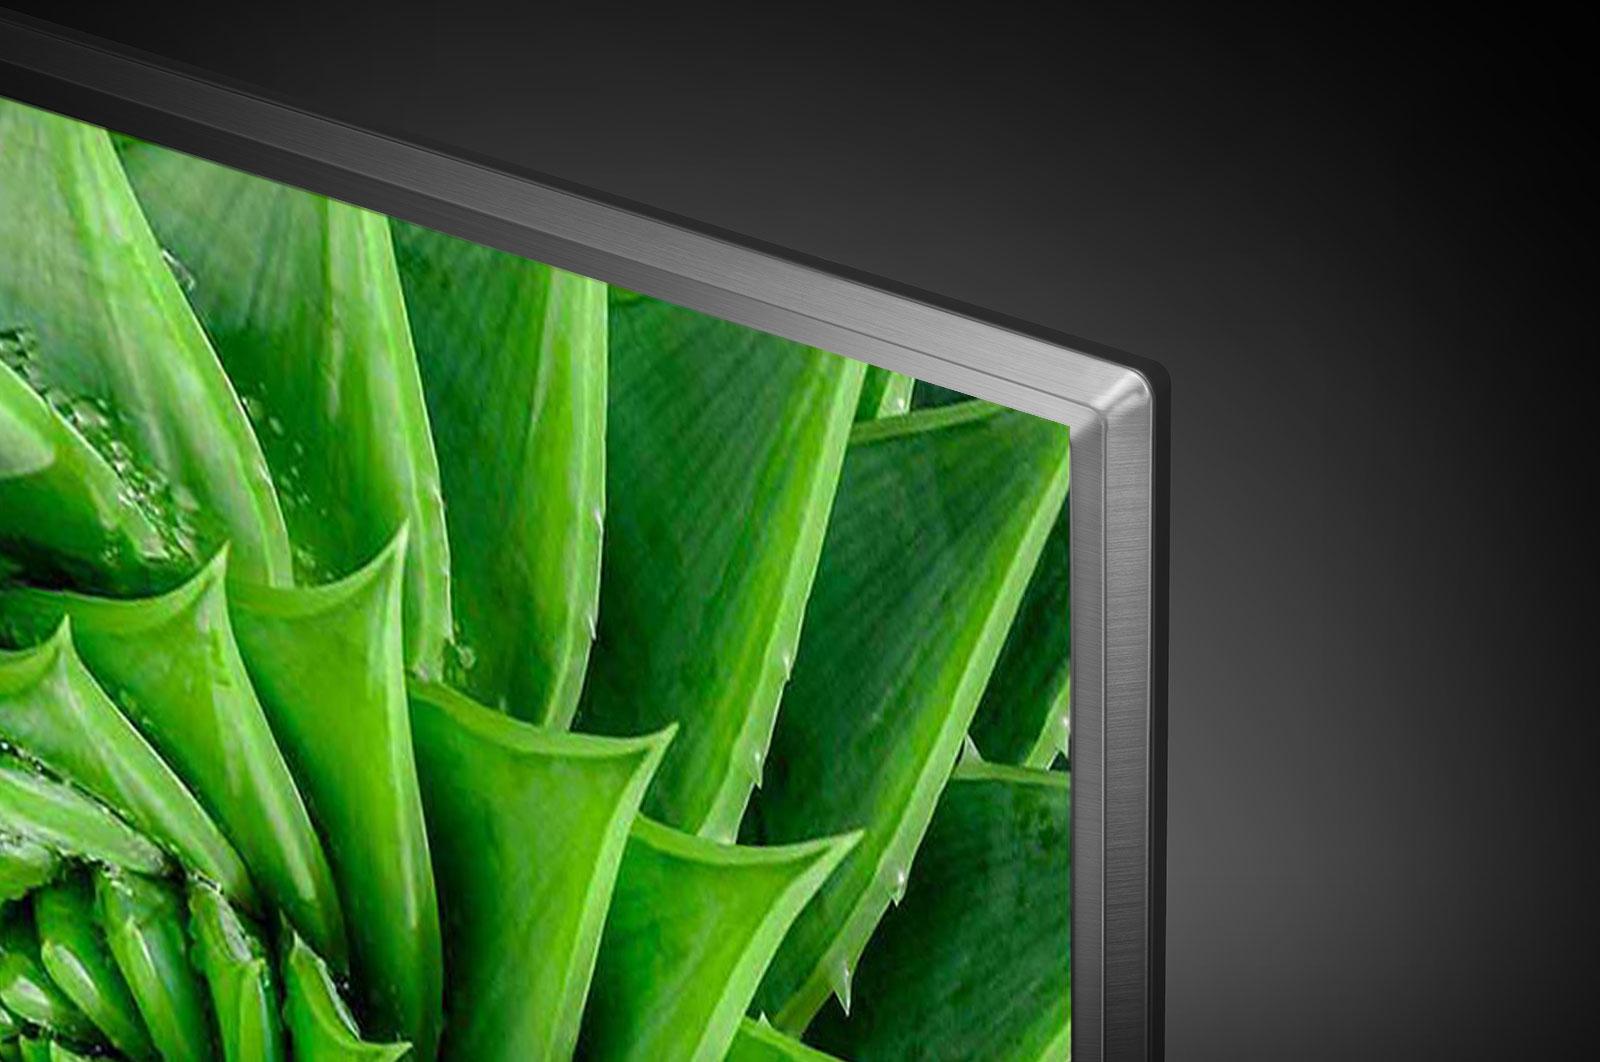 Smart Tivi LG 4K 75 inch 75UN8000PTB ThinQ AI - Hàng Chính Hãng